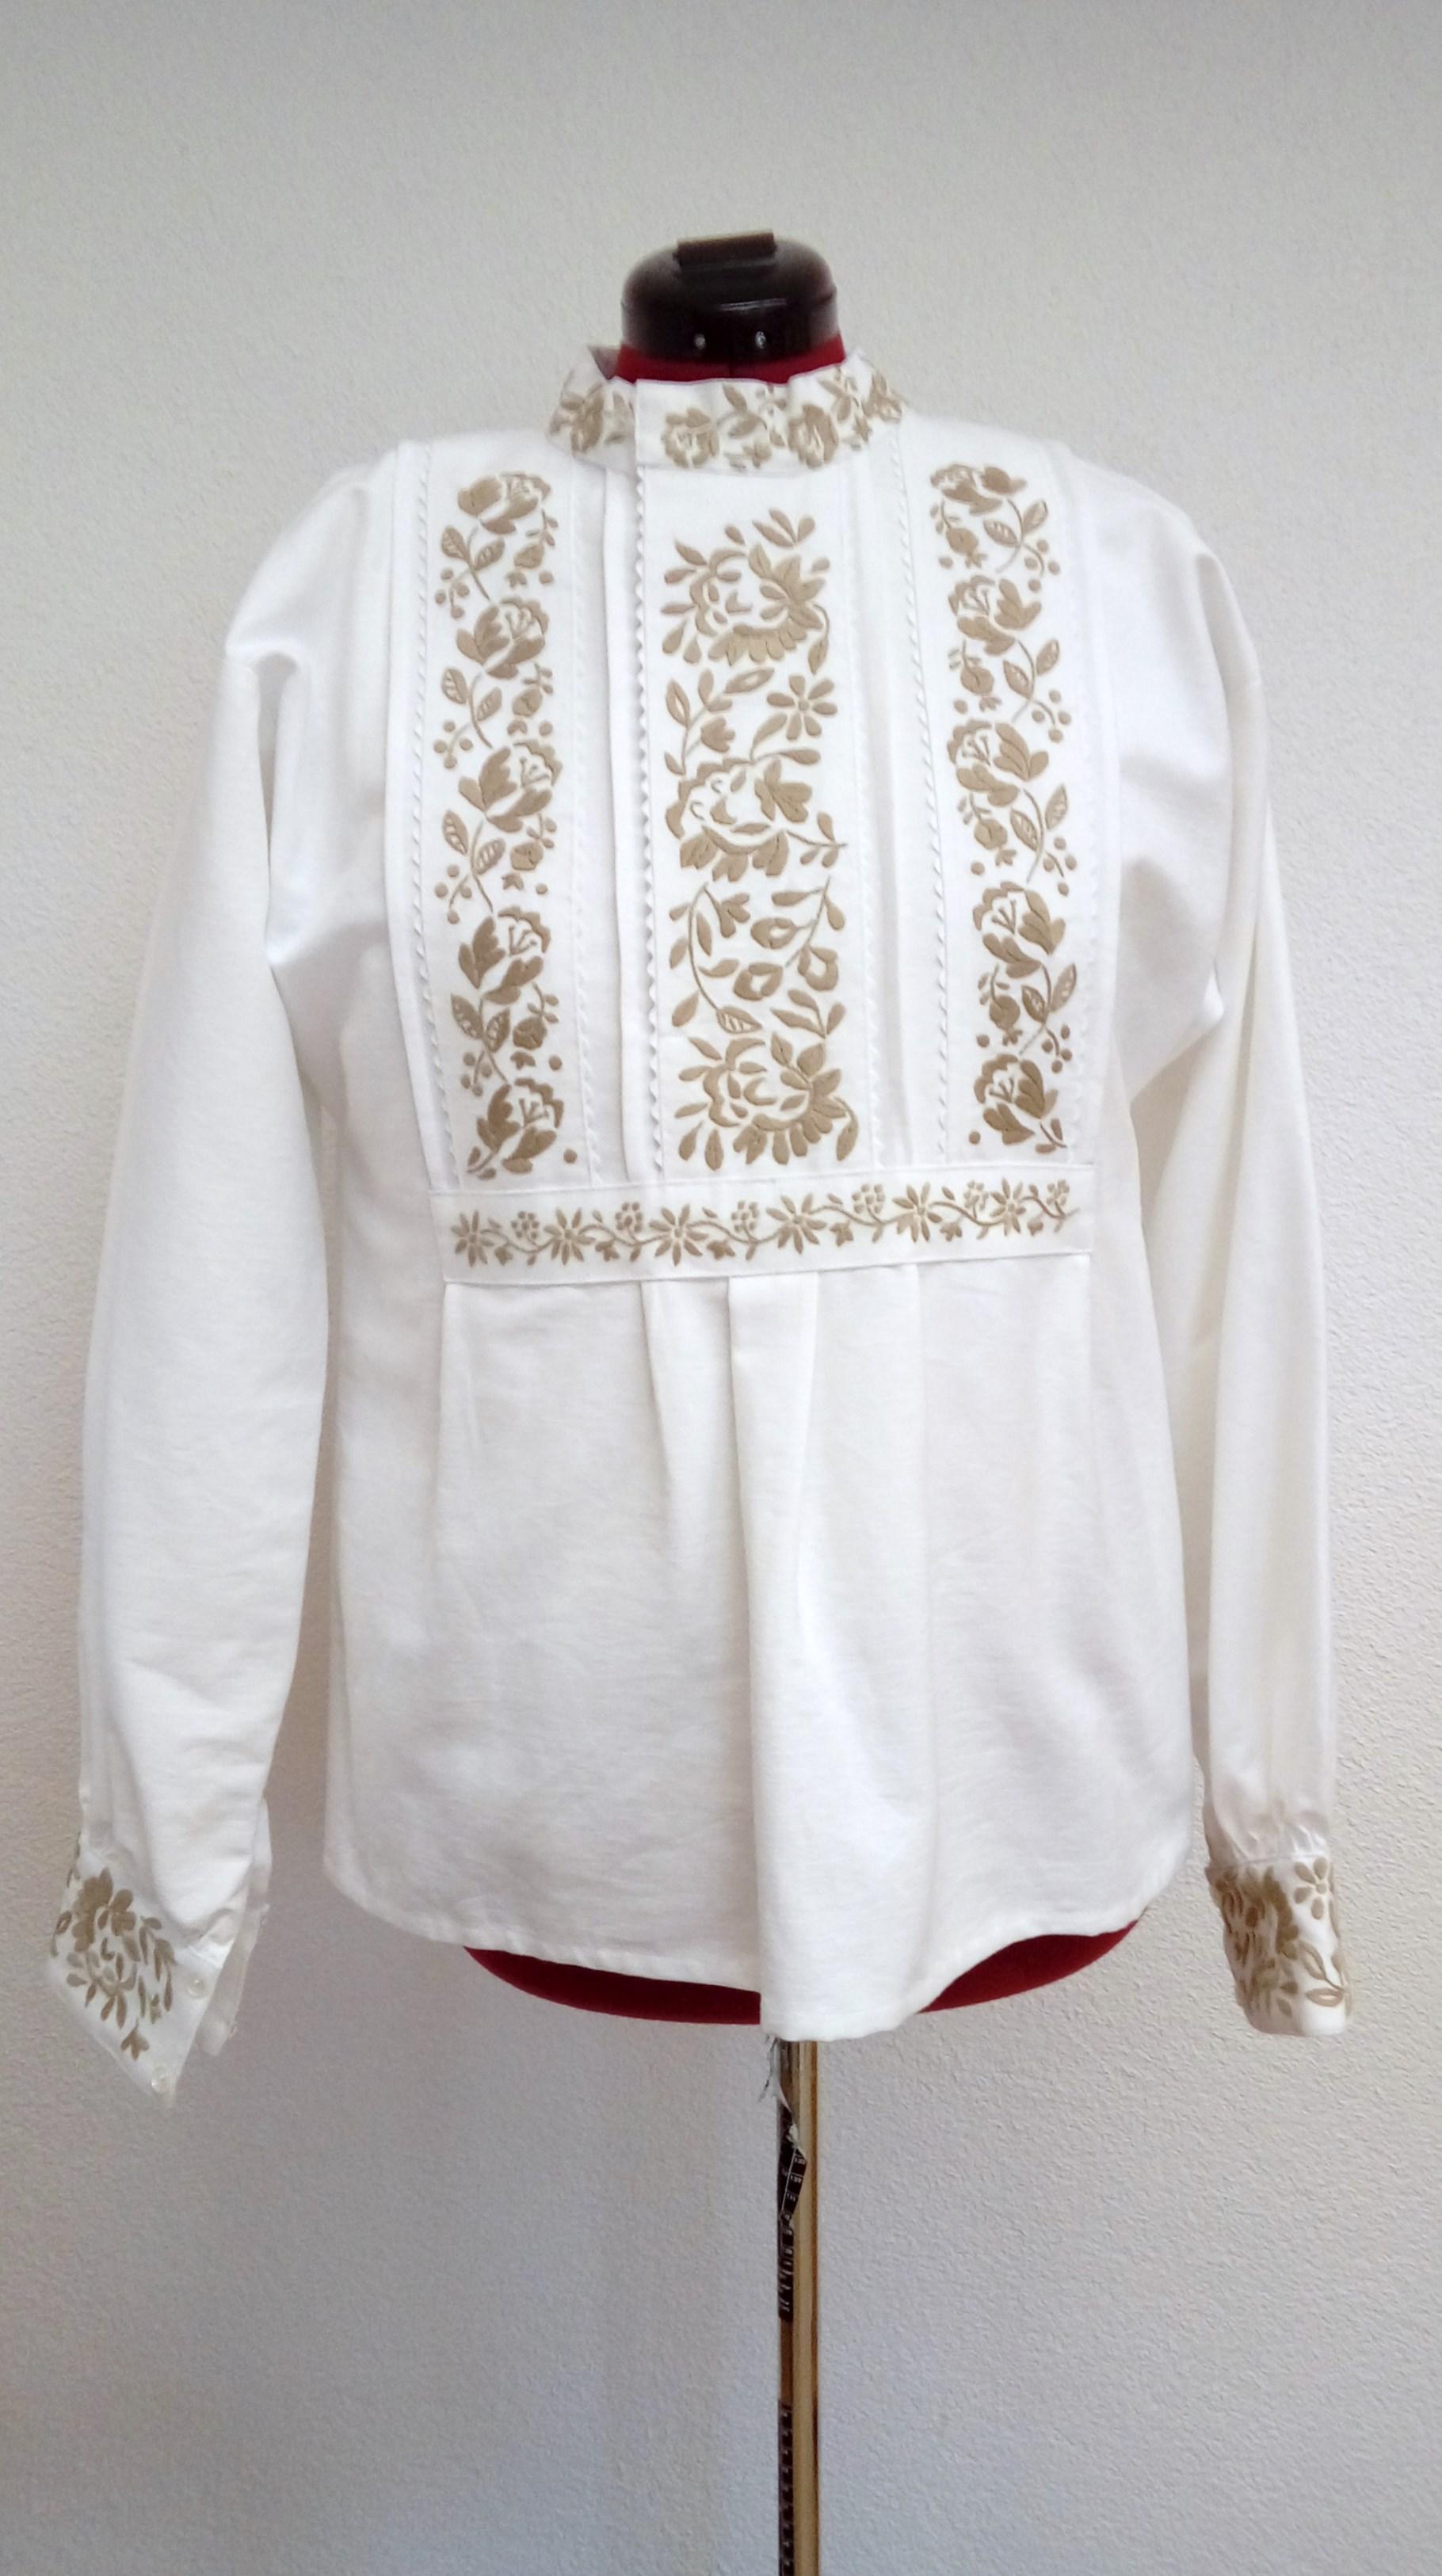 d97150ddc Košeľa ručne vyšívaná – starodávny vzor – šedá výšivka – Detvianske ...